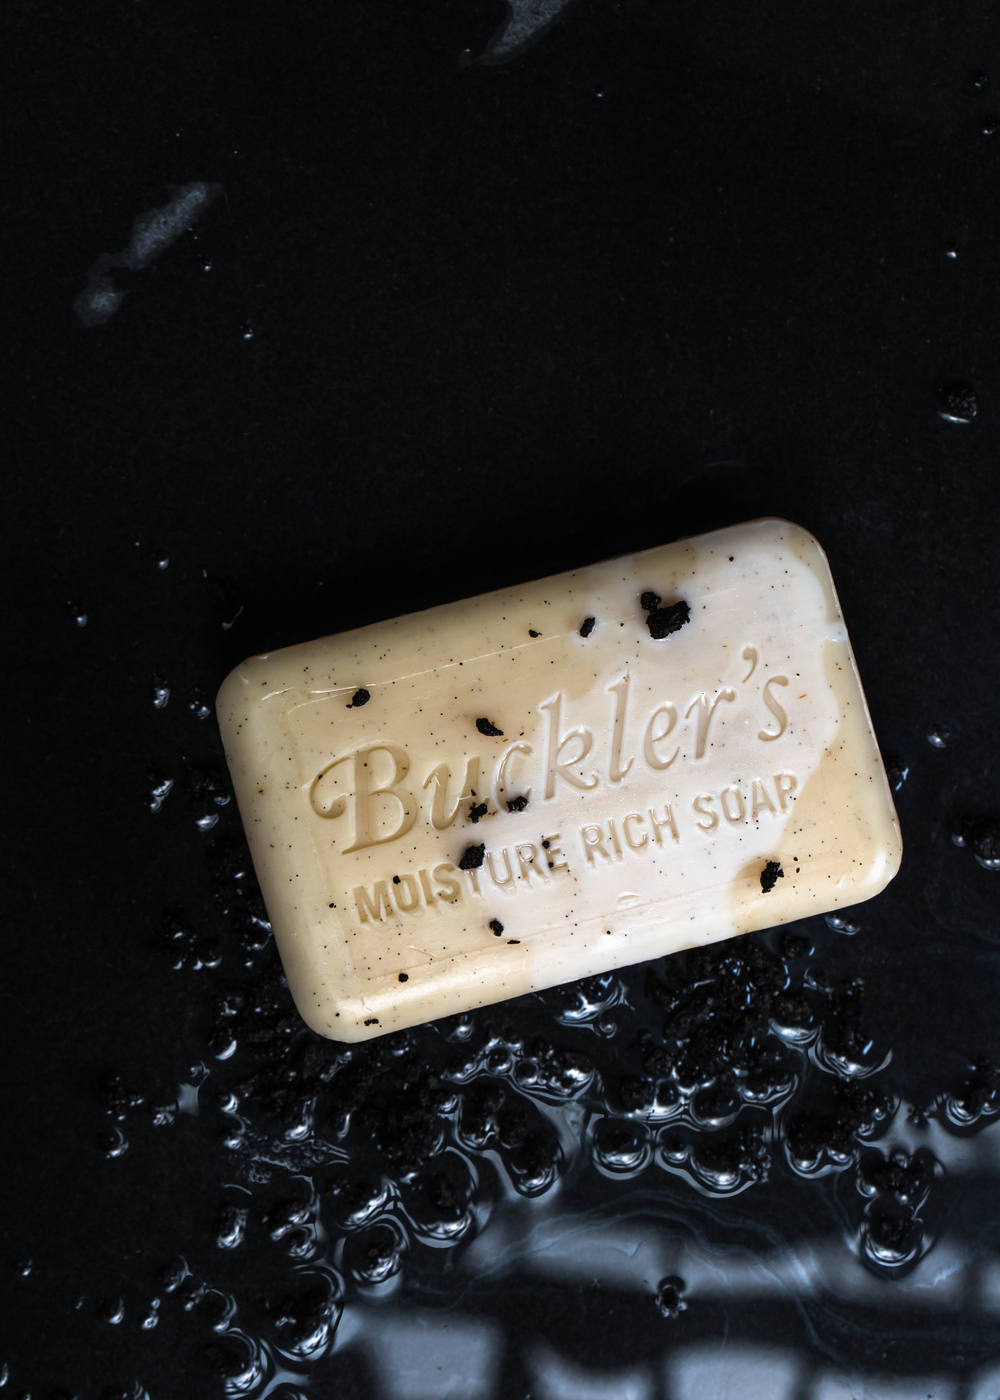 Bucklers-48.jpg